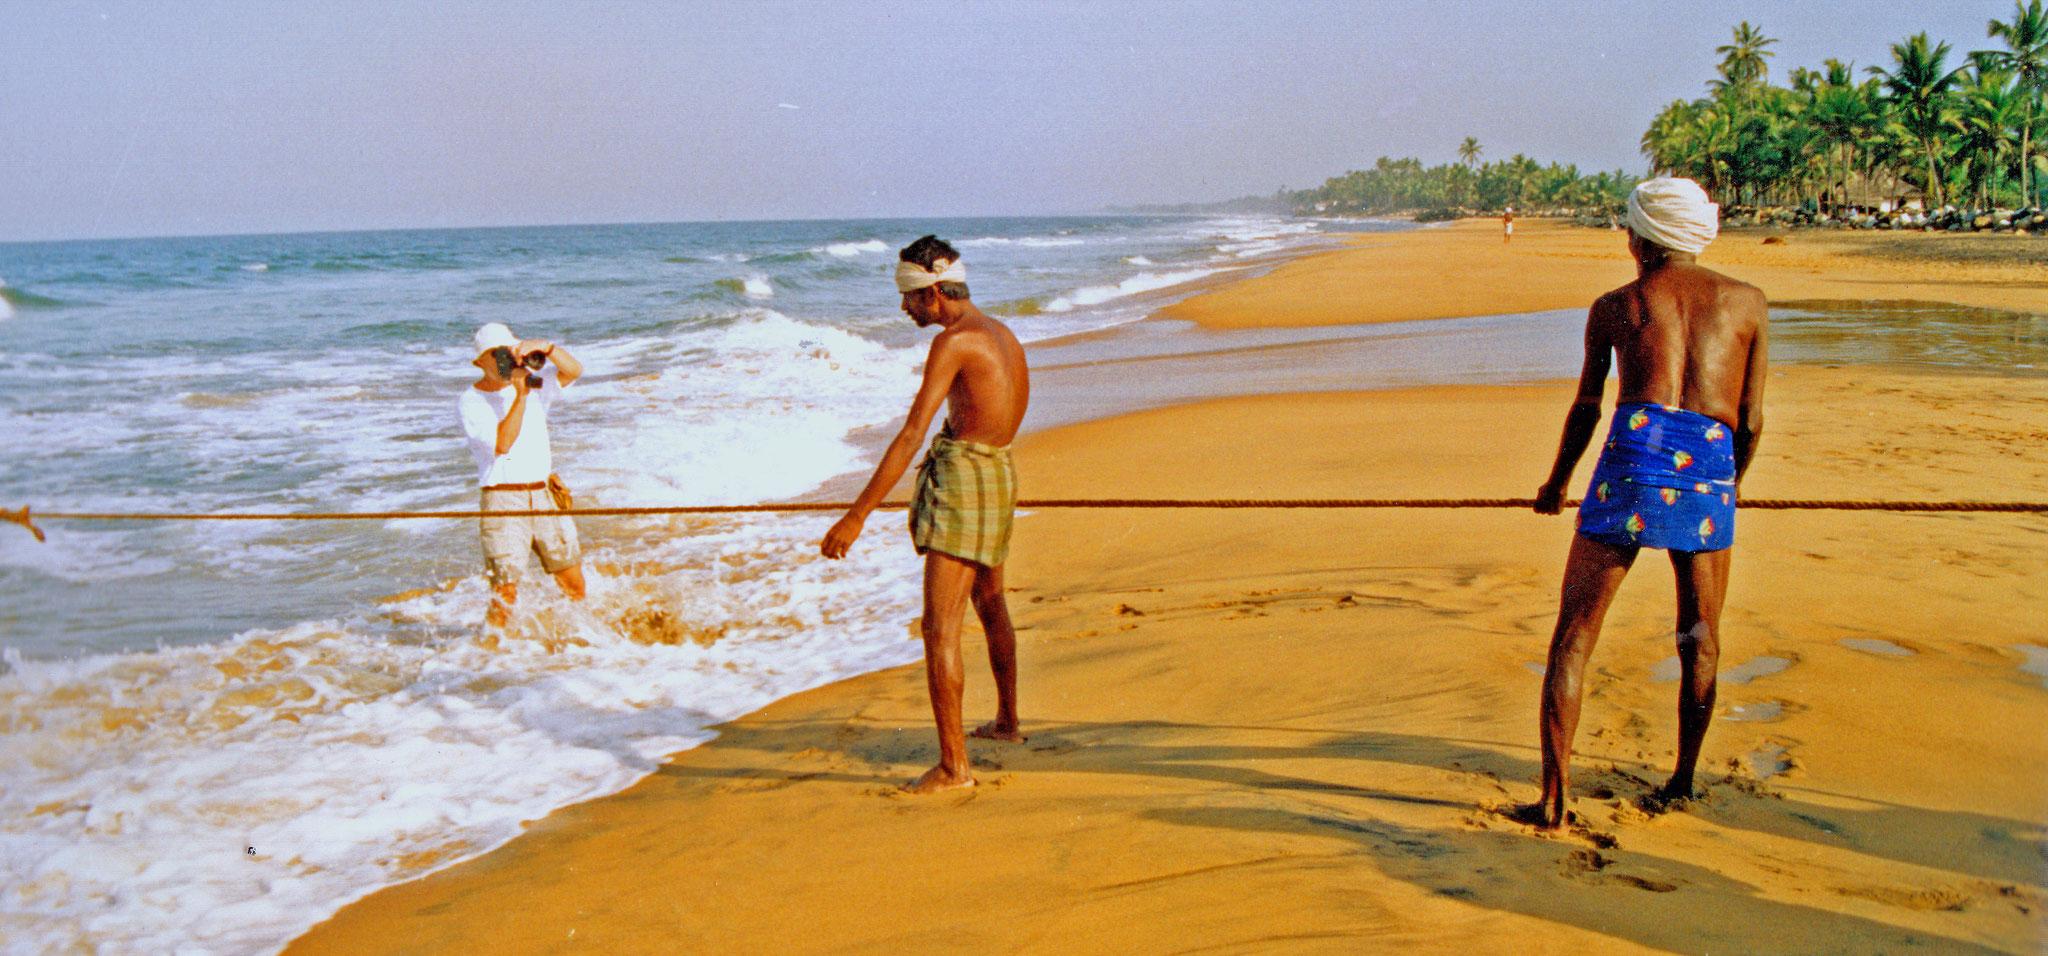 Am Strand von Goa, hautnah mit den Fischern. Südindien